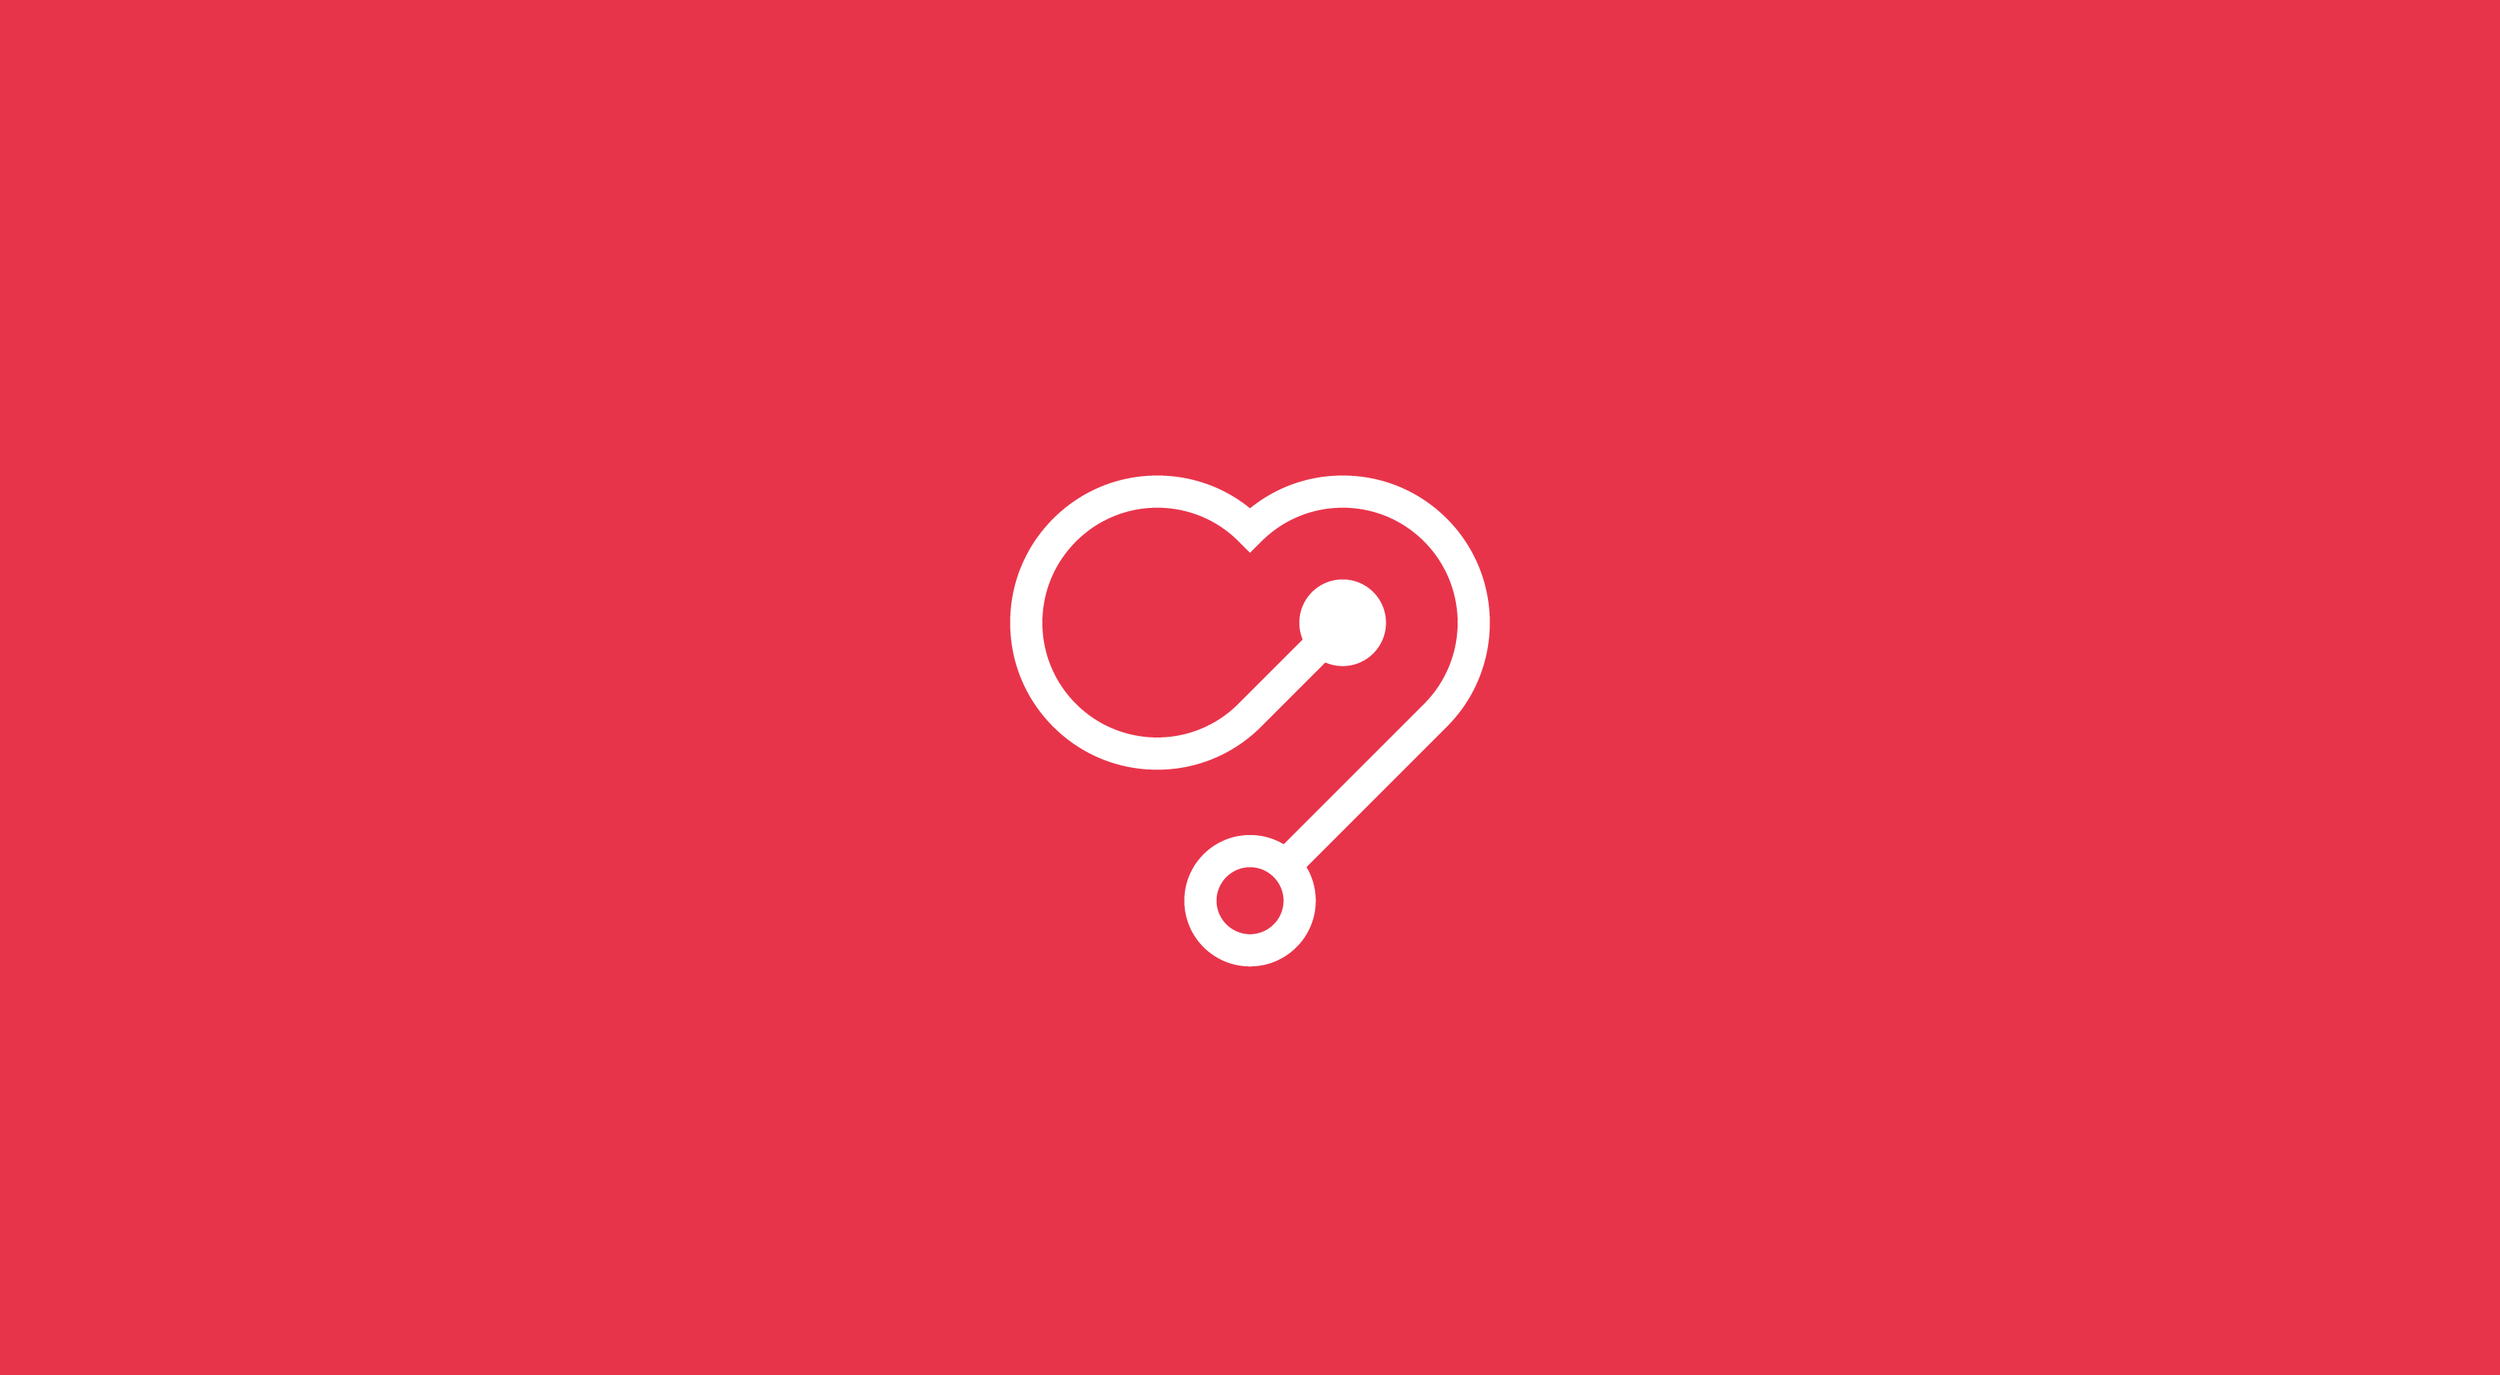 Logo Design Collection 02 - 2018-Freelance-Graphic-Designer-Margate-Kent-03.png